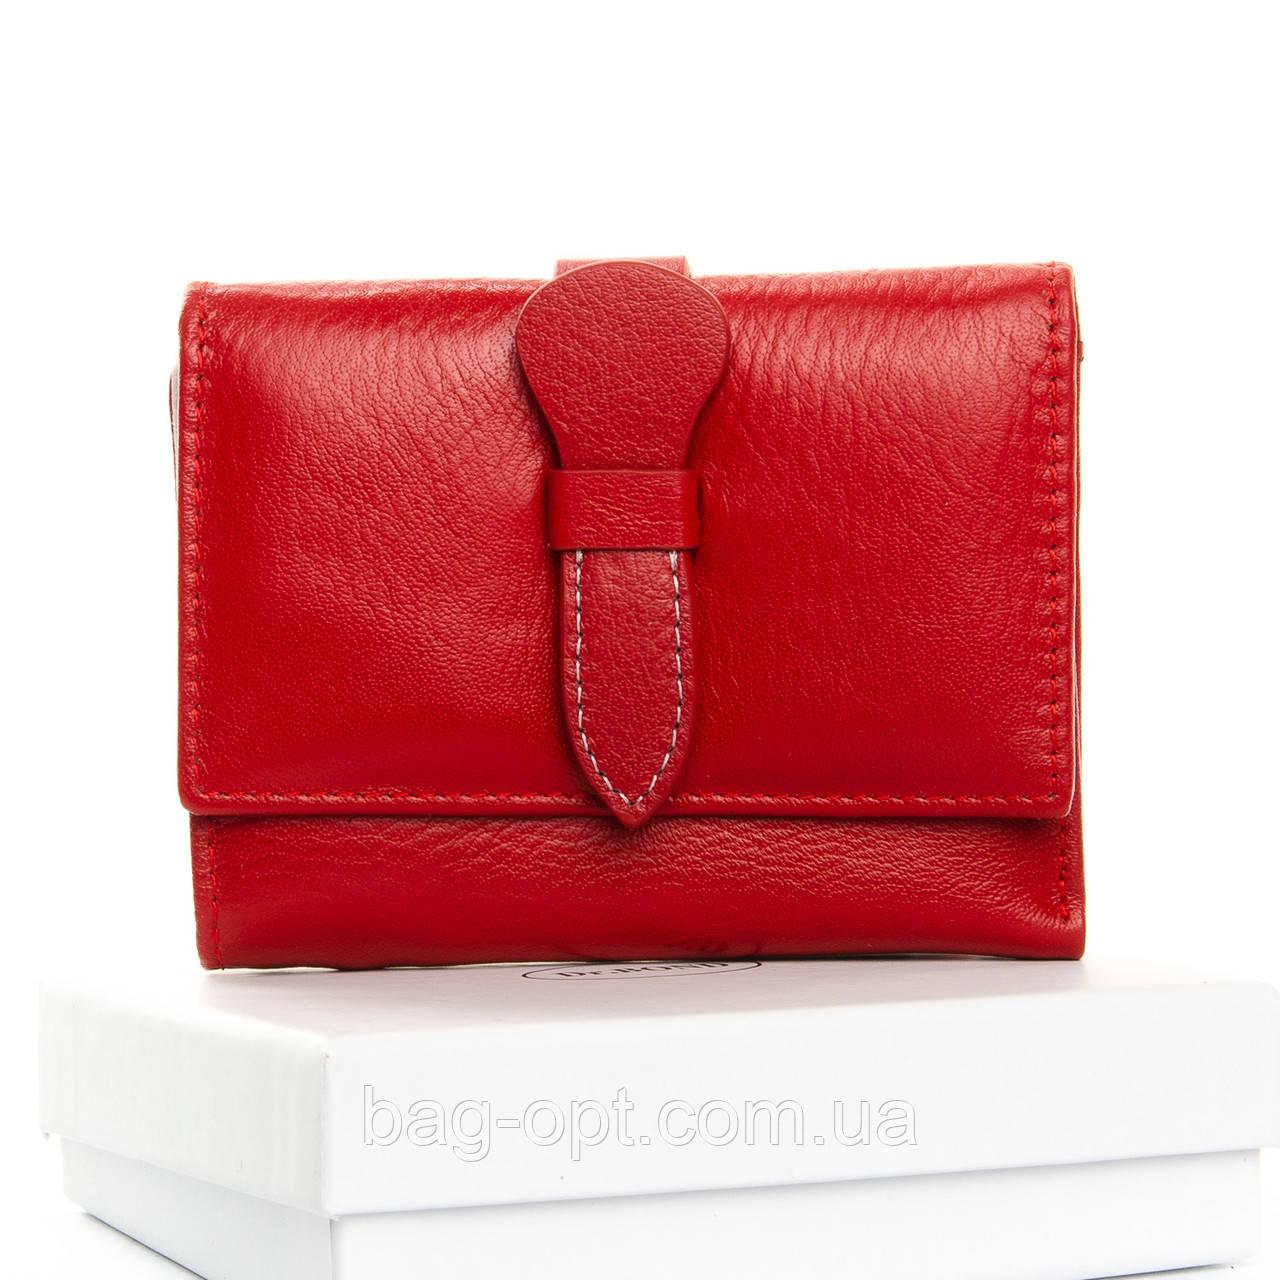 Женский кожаный кошелек Dr.Bond (10x12.5x2.5 см) красный